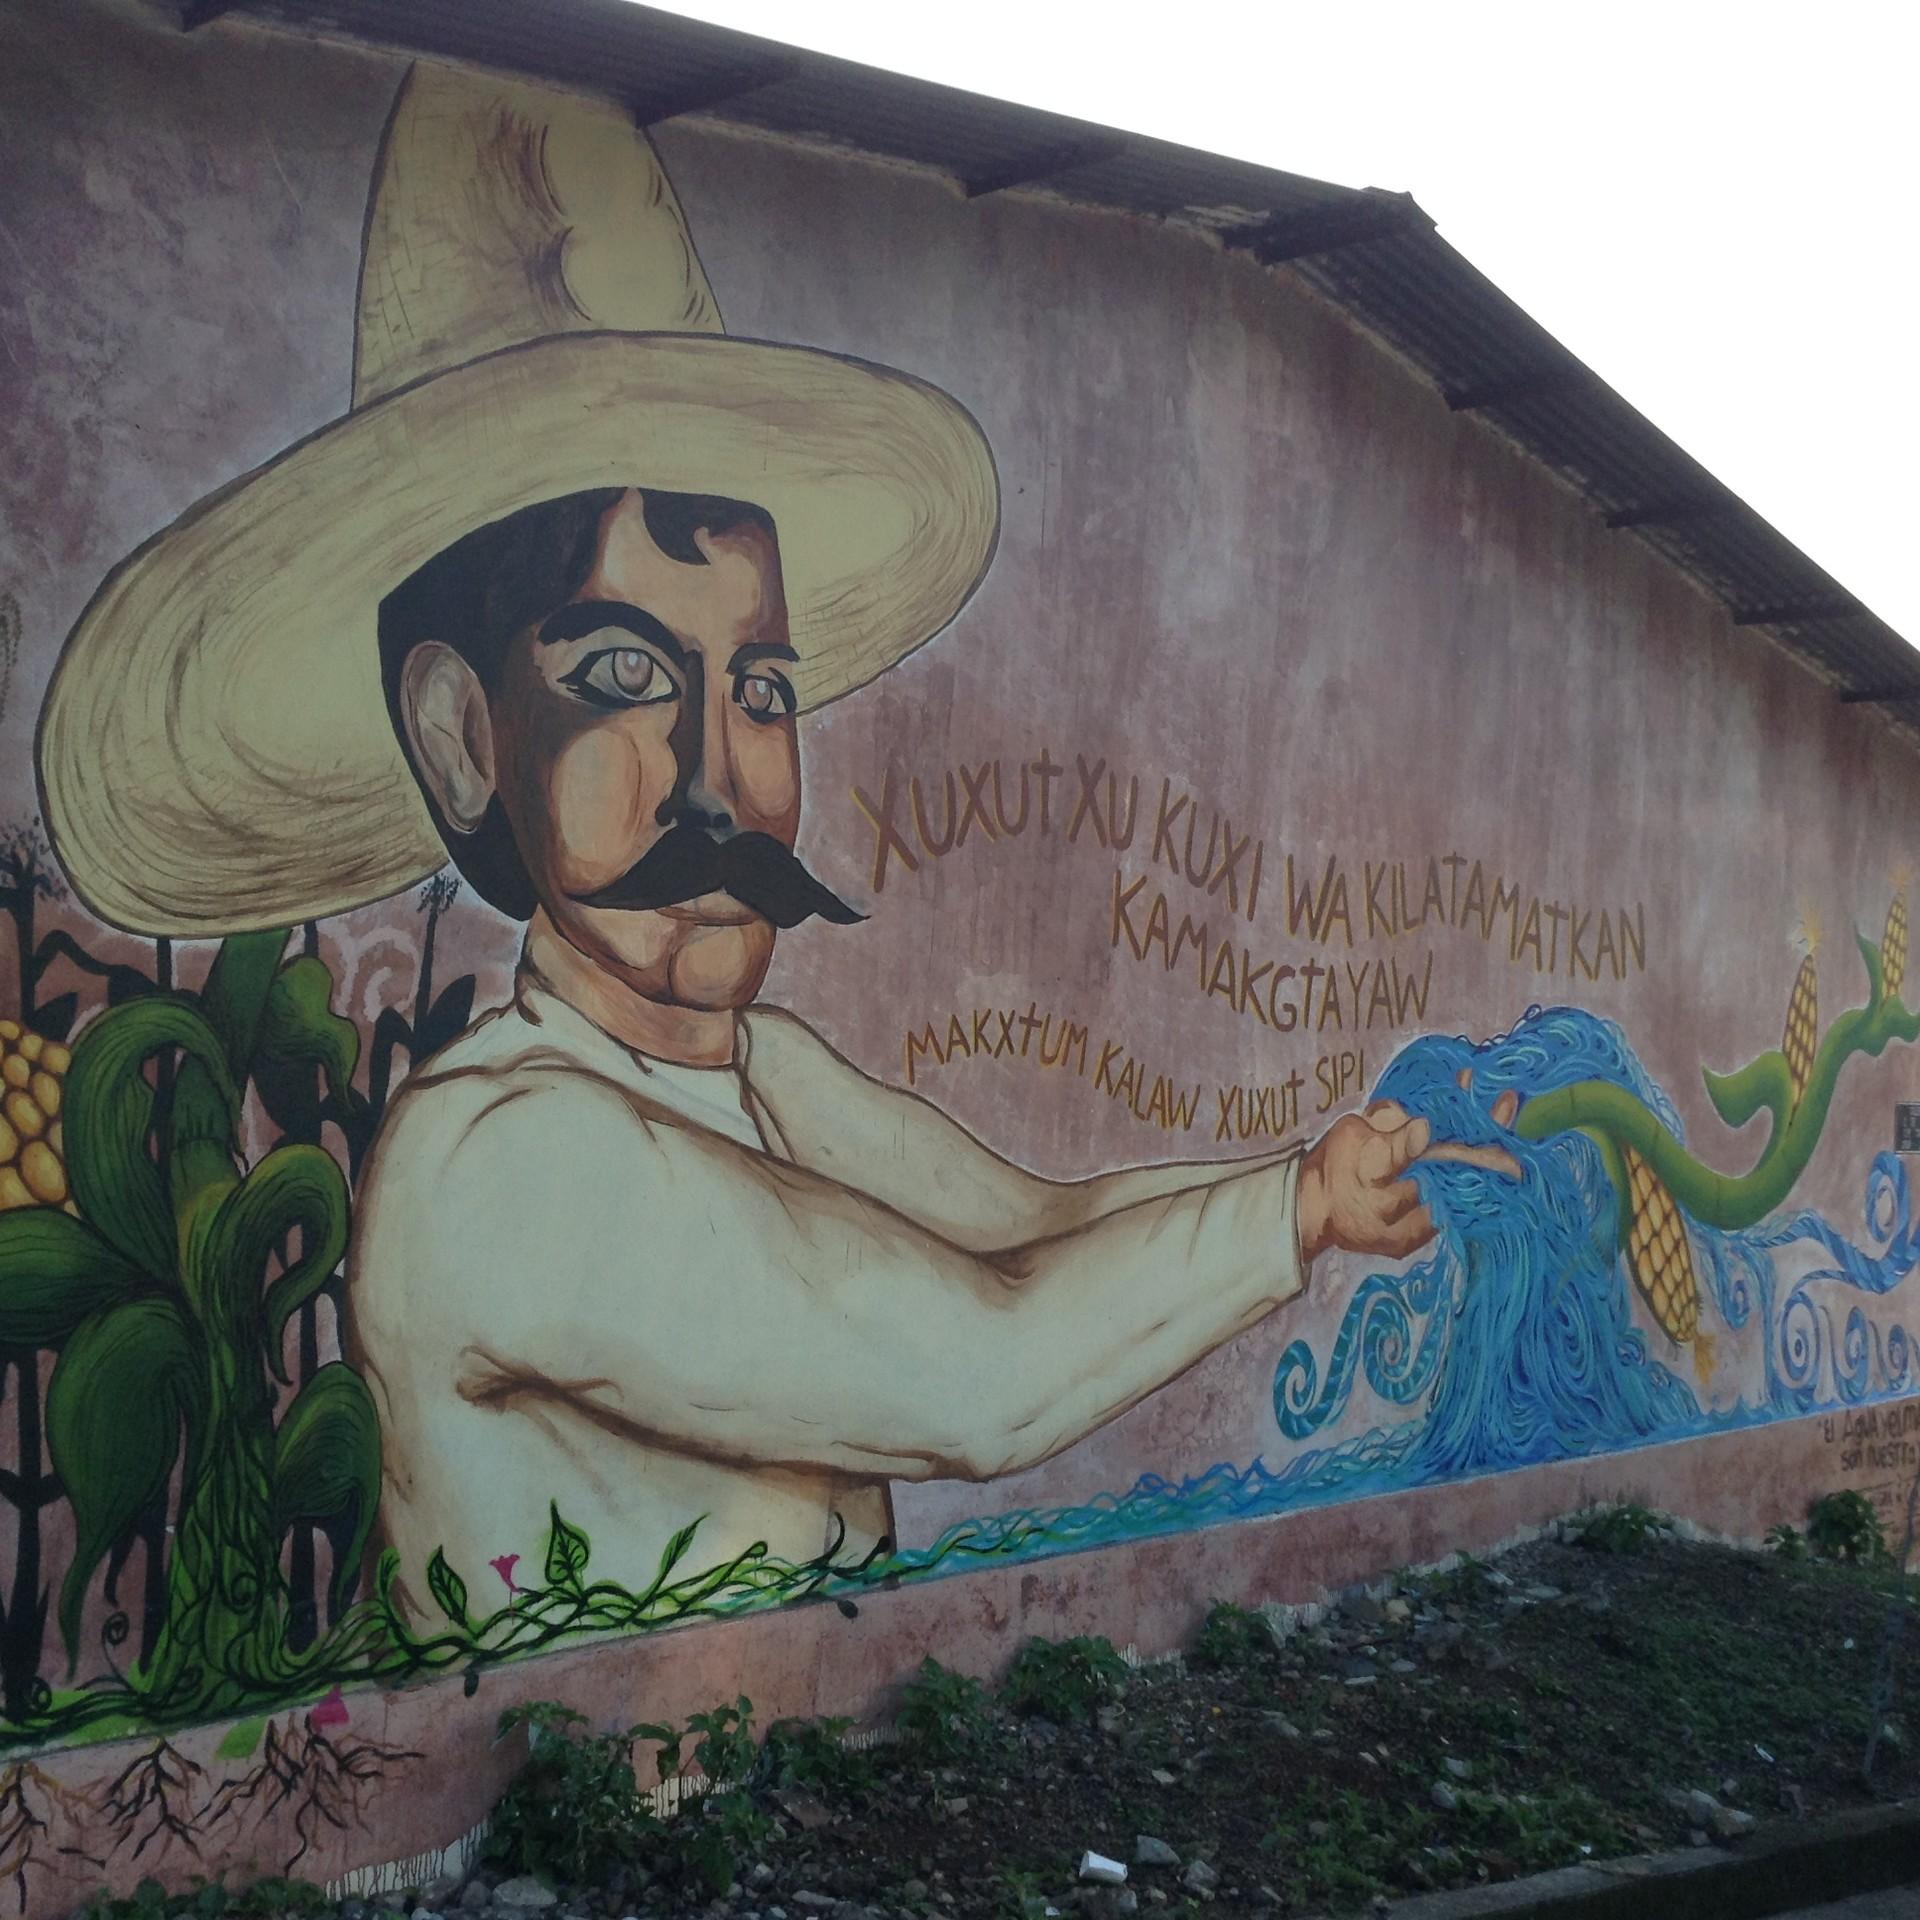 Mural contra los proyectos hidroeléctricos en el territorio indígena totonaco de Puebla